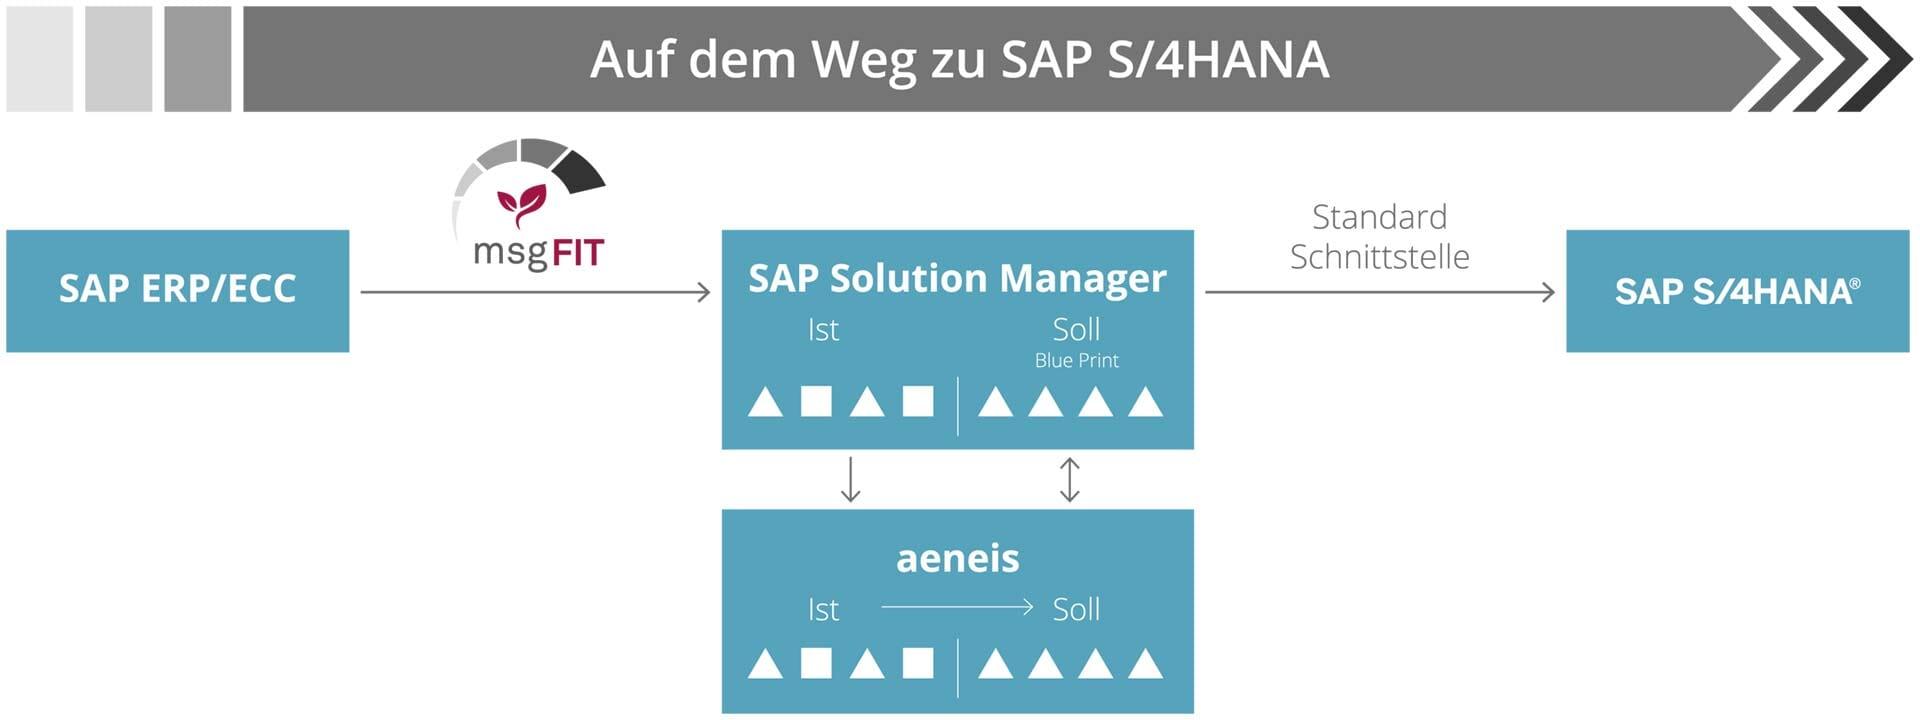 Diagramm: msgFIT SAP S/4HANA